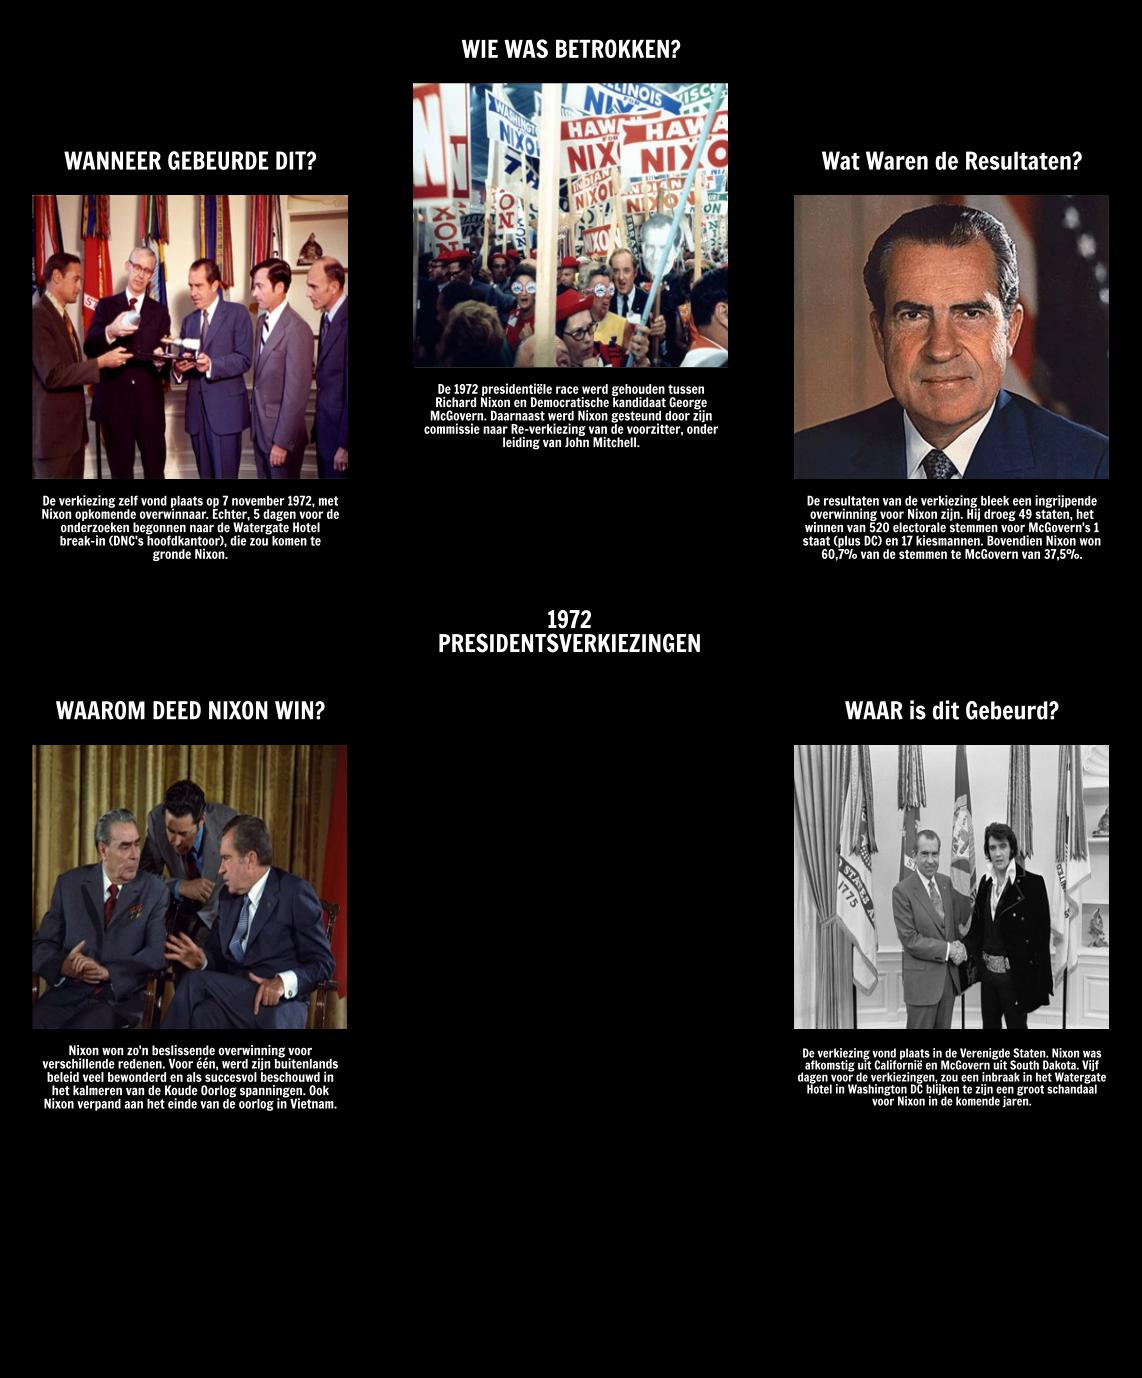 Het voorzitterschap van Richard Nixon - 5 Ws van de 1972 Verkiezing